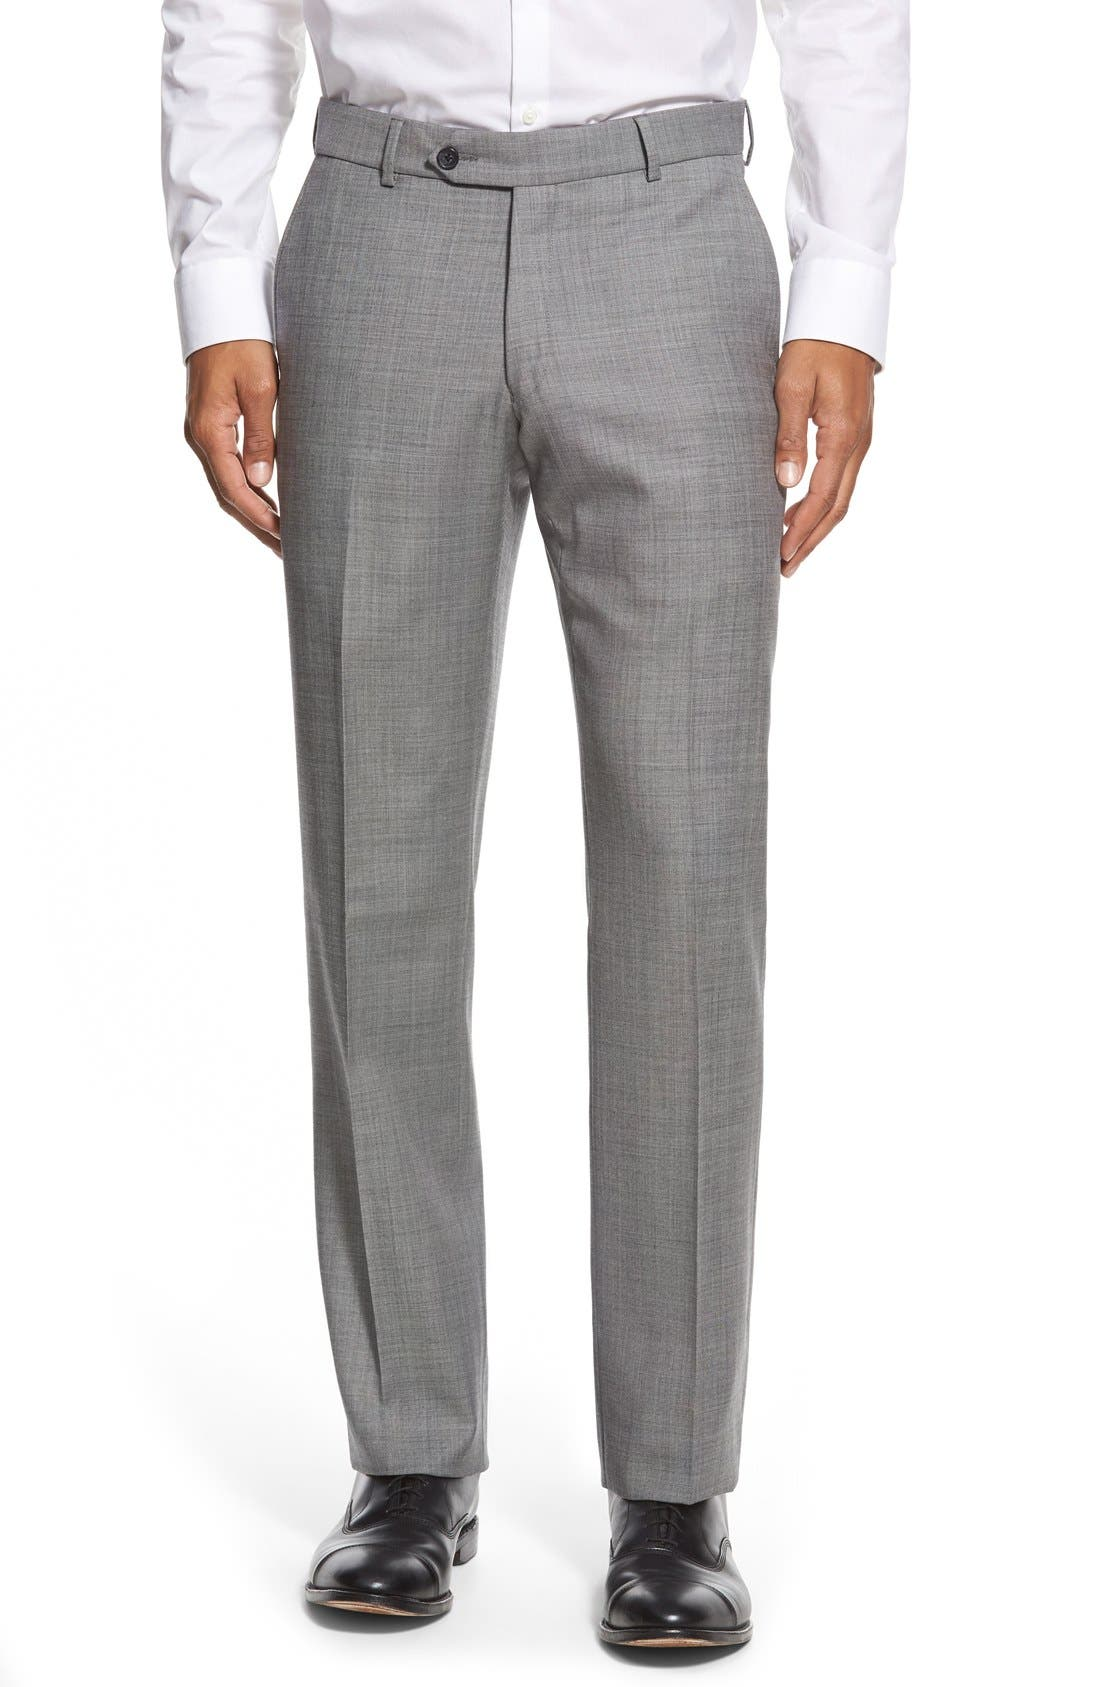 BALLIN Flat Front Sharkskin Wool Trousers in Black/White